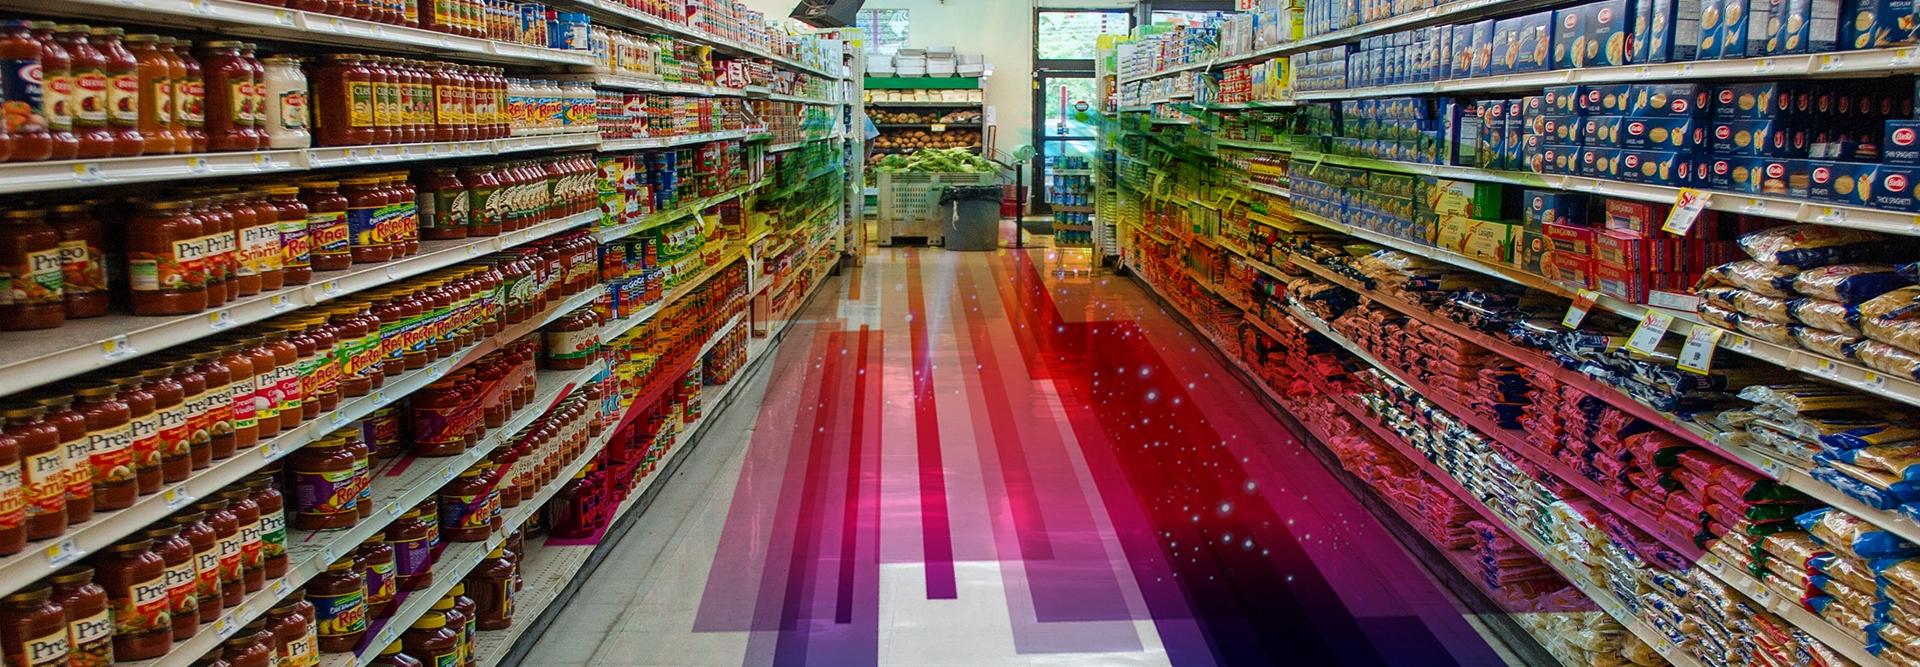 Supermarkets chain